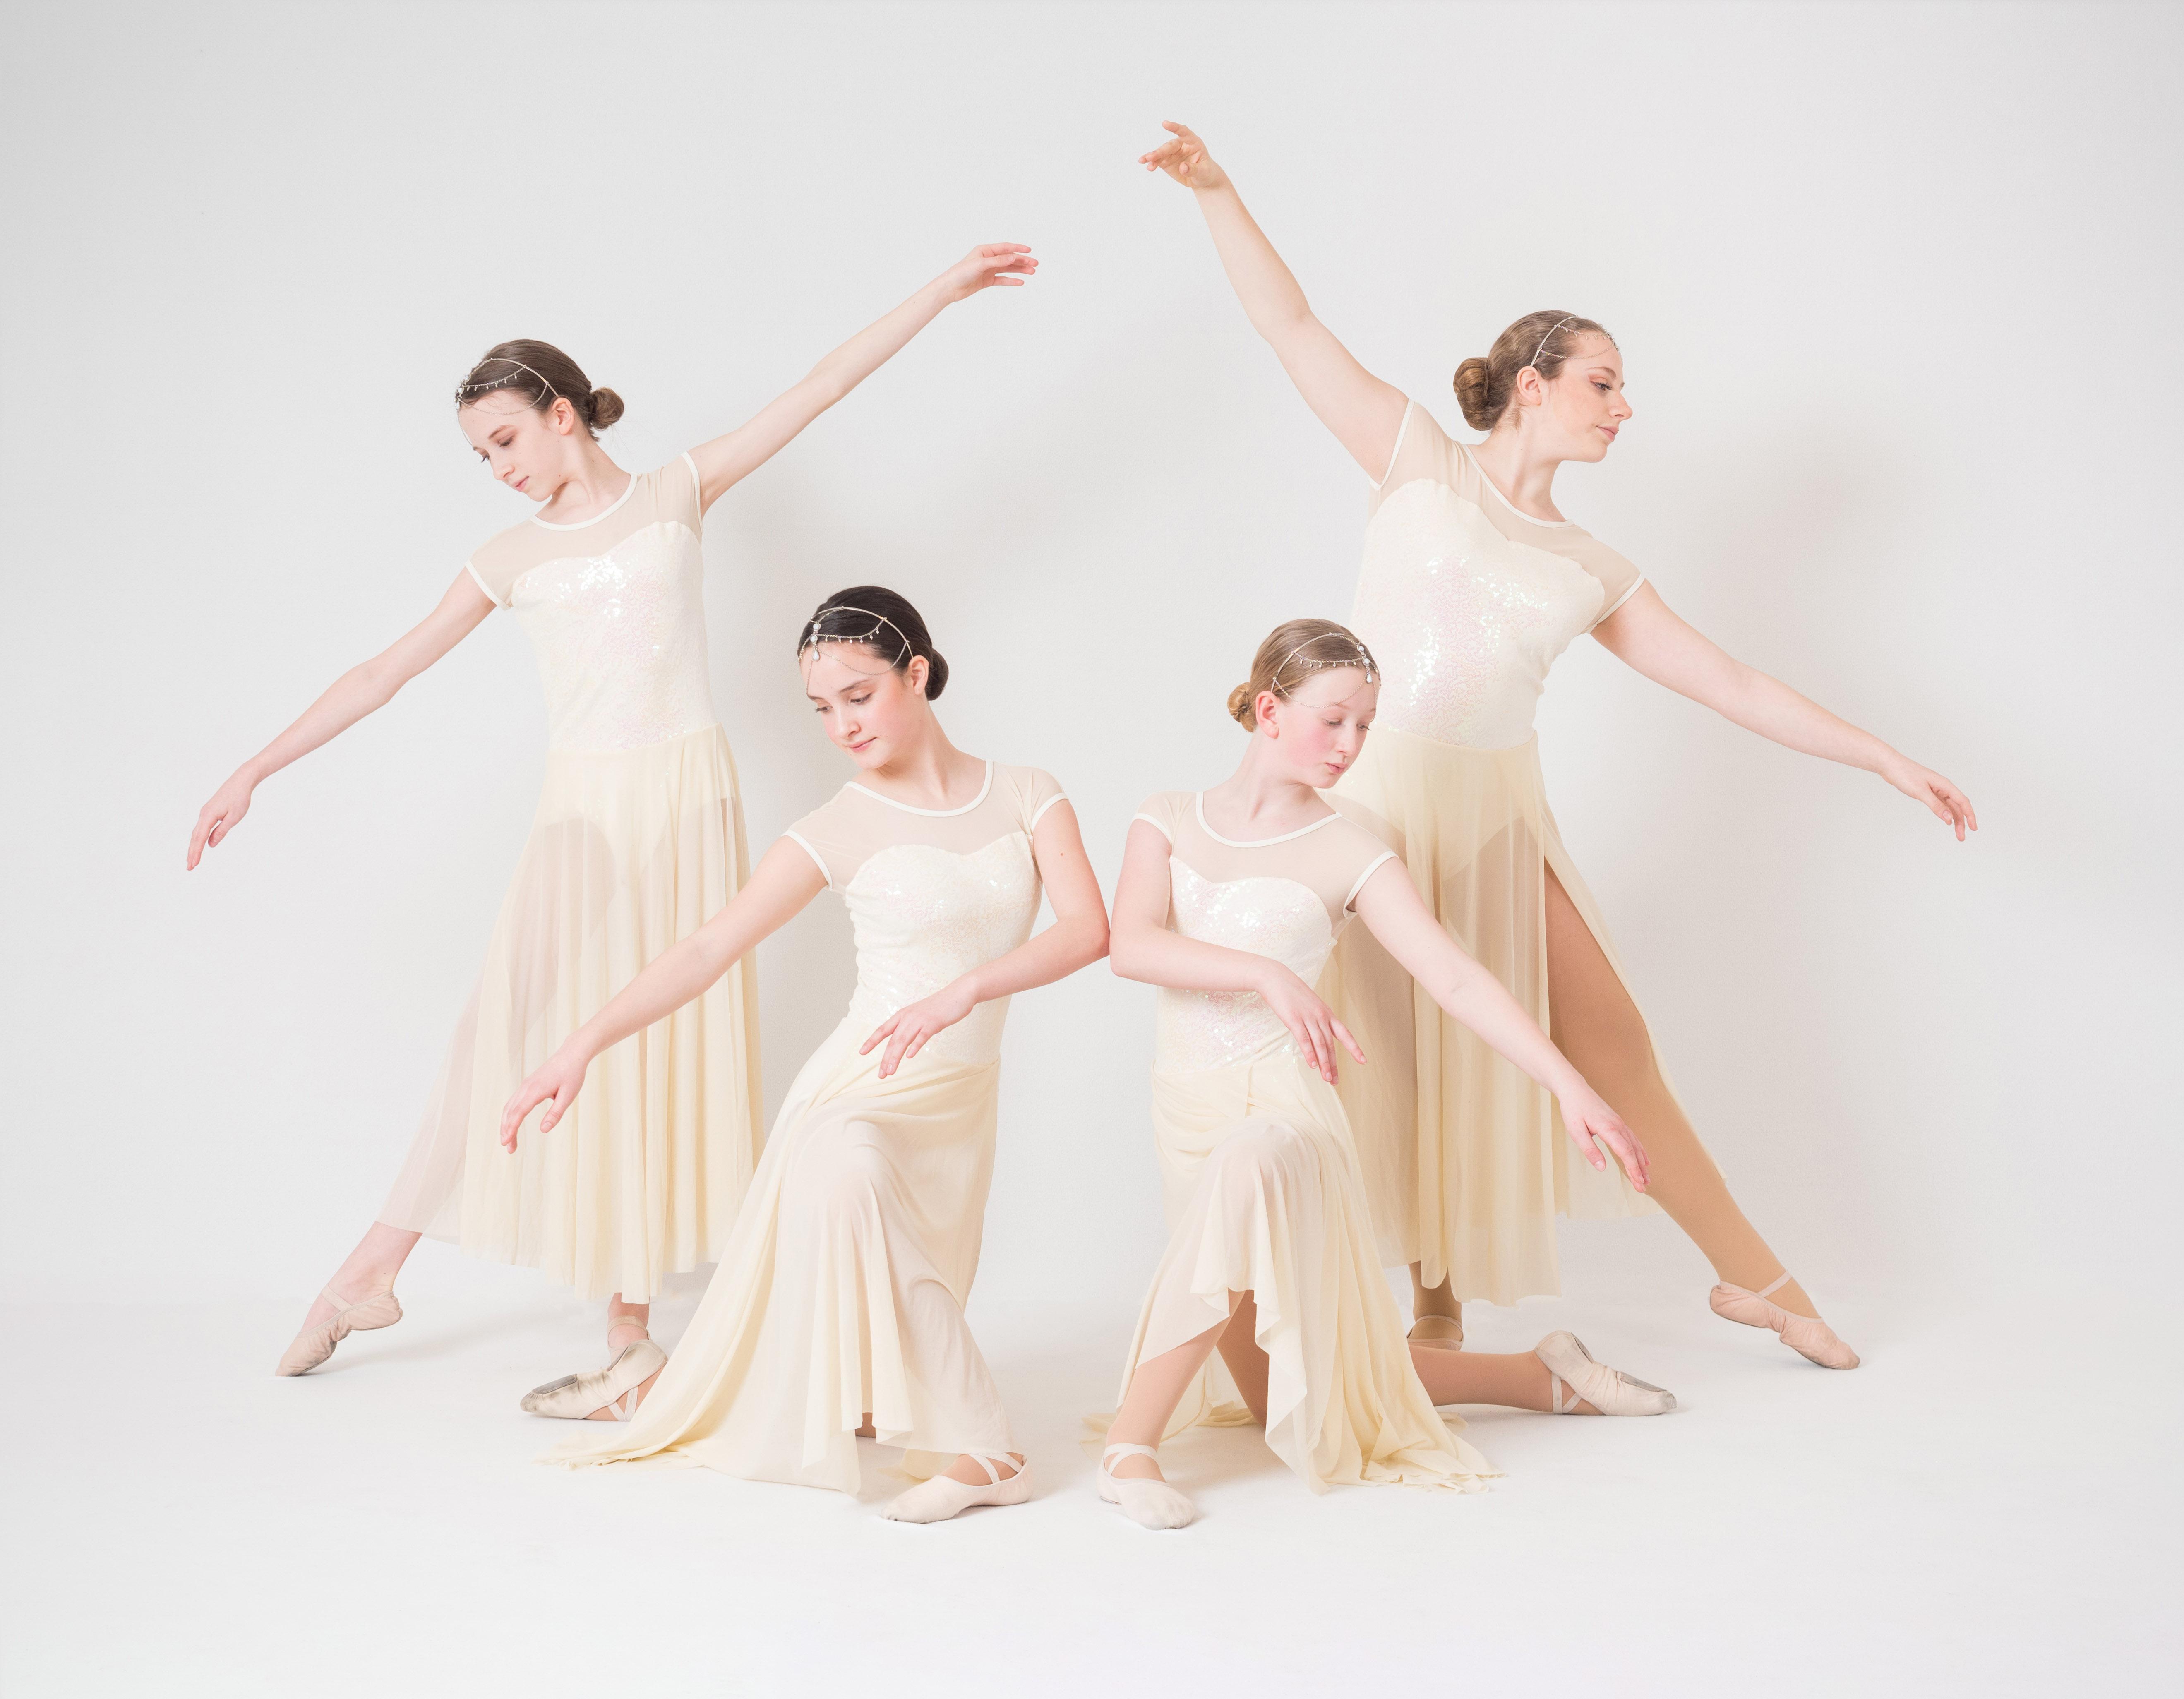 Carlson's Dance